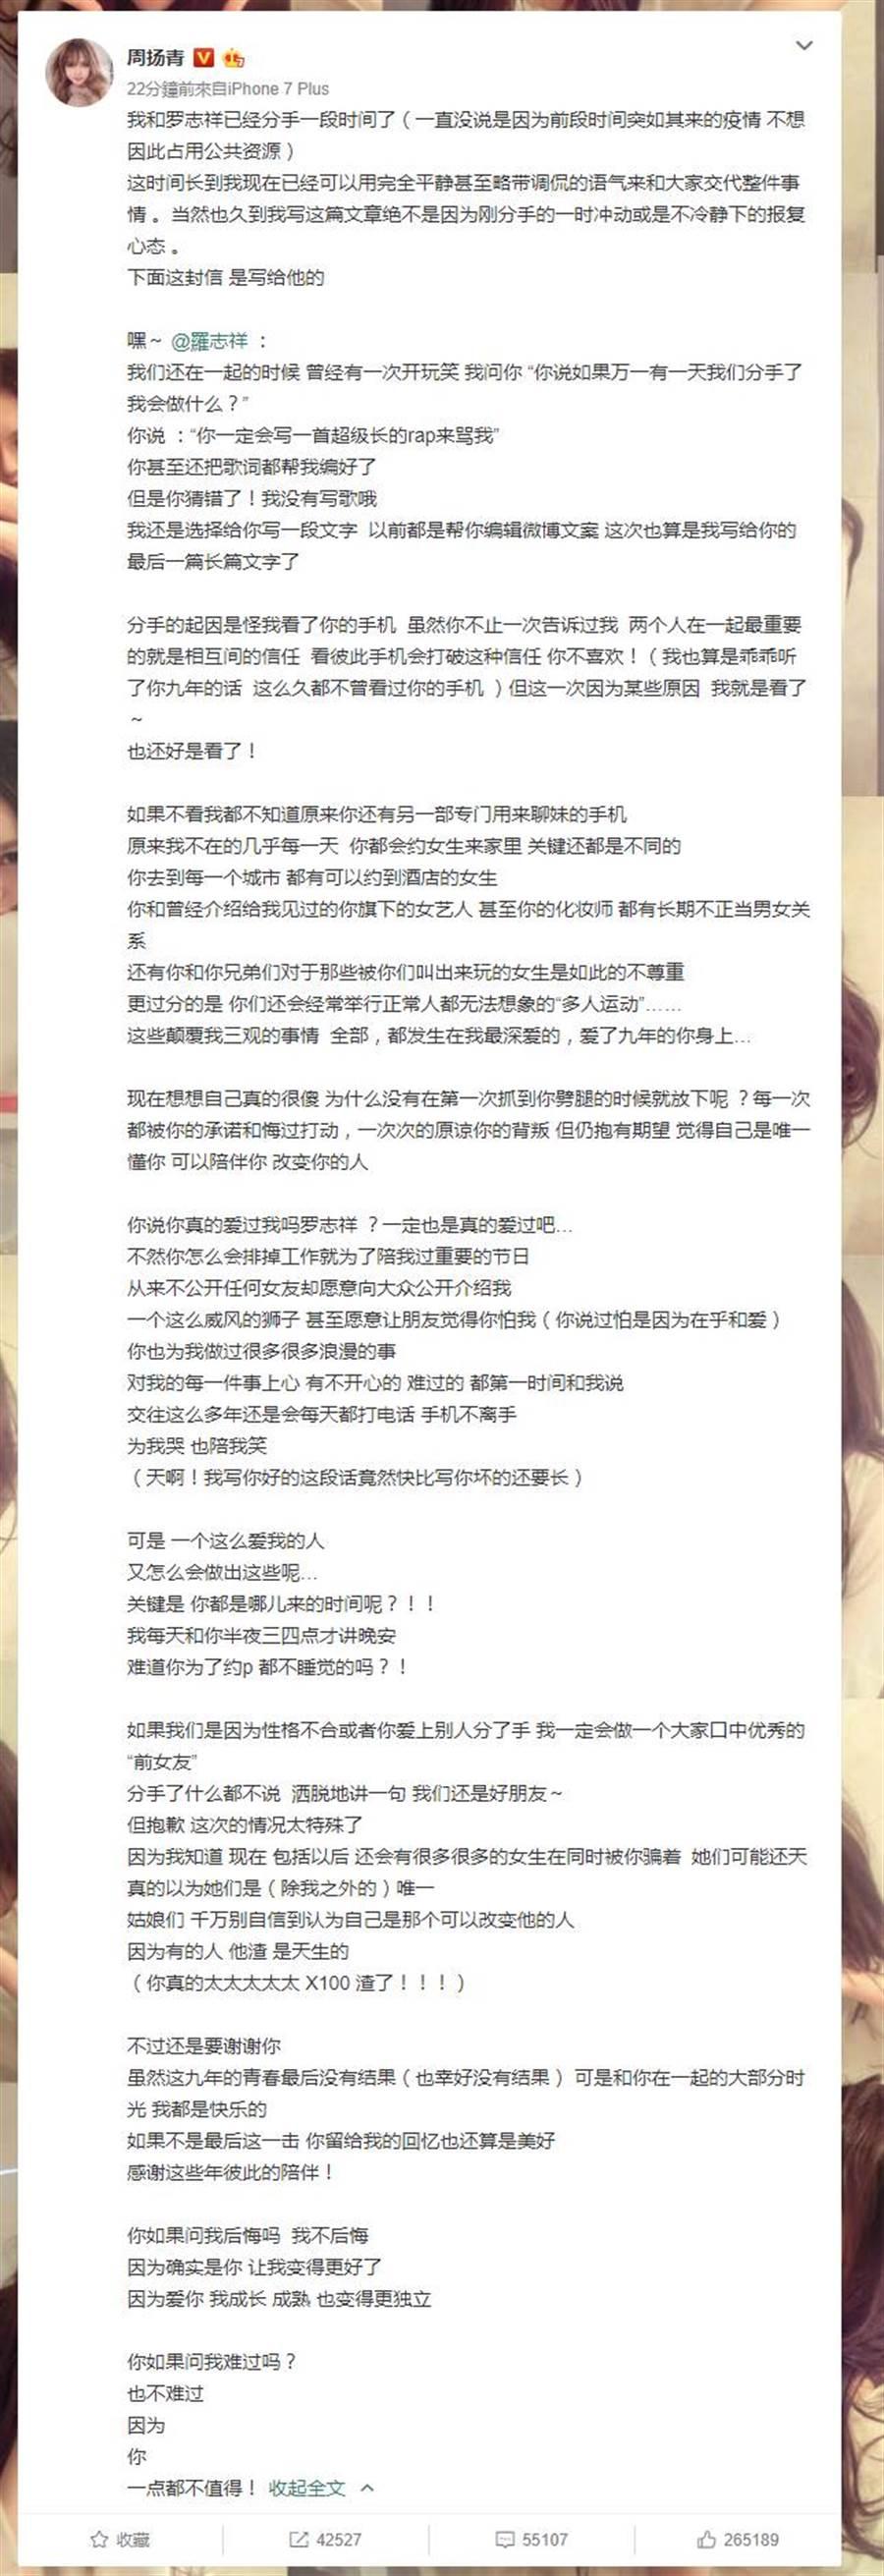 周揚青微博全文。(圖/取材自周揚青微博)